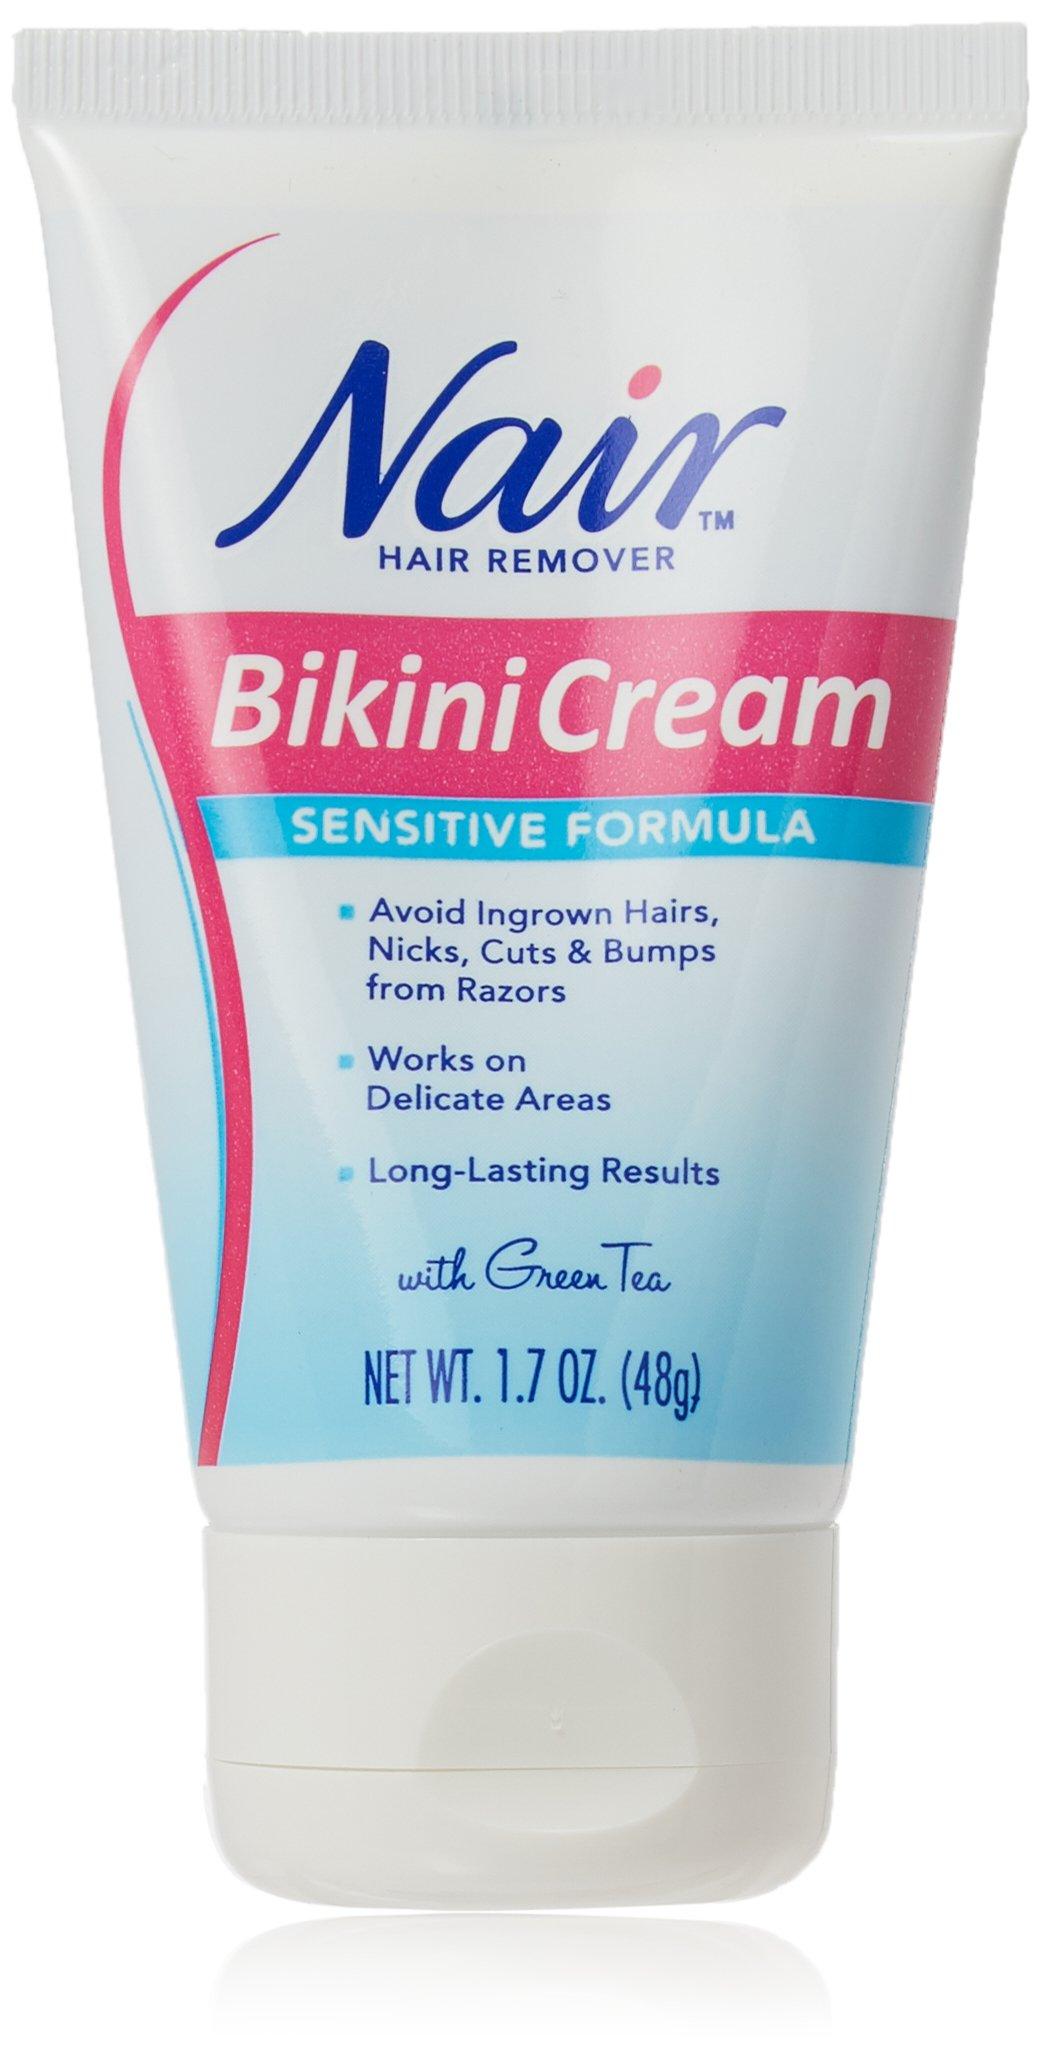 Nair Hair Remover Bikini Cream Sensitive 1.7 Ounce (50ml) (2 Pack)